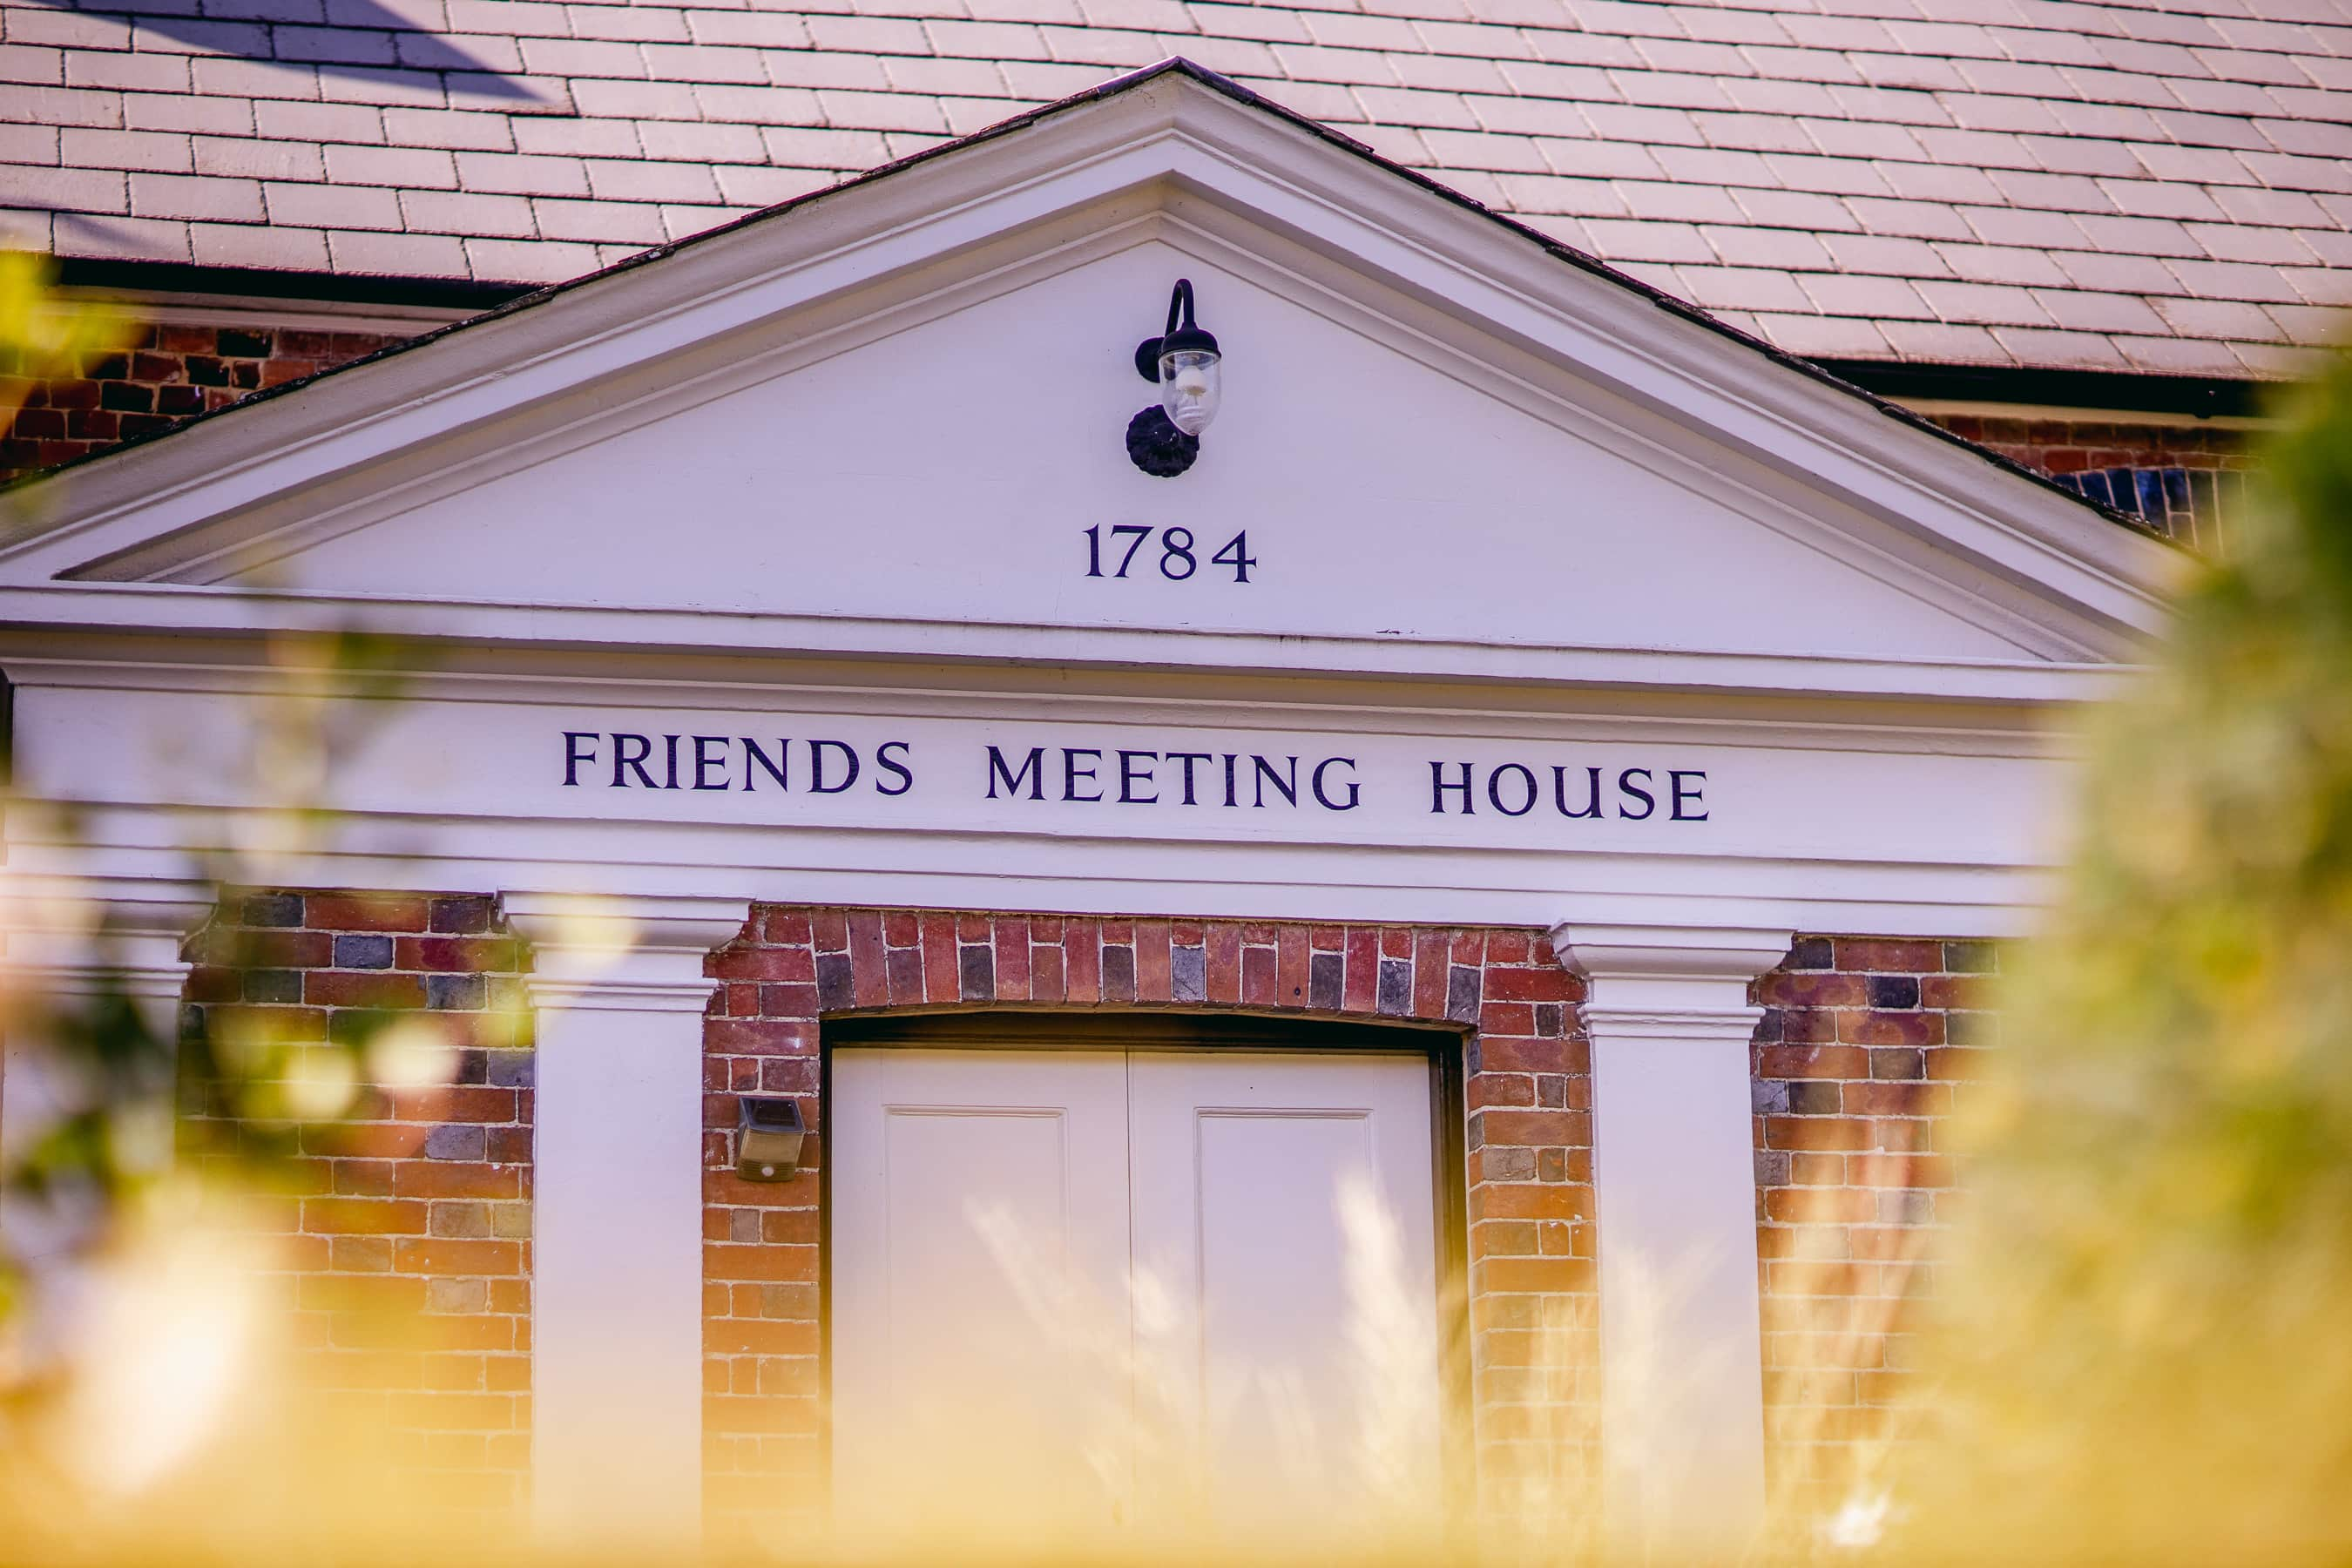 Lewes Friends Meeting House DIY wedding venue